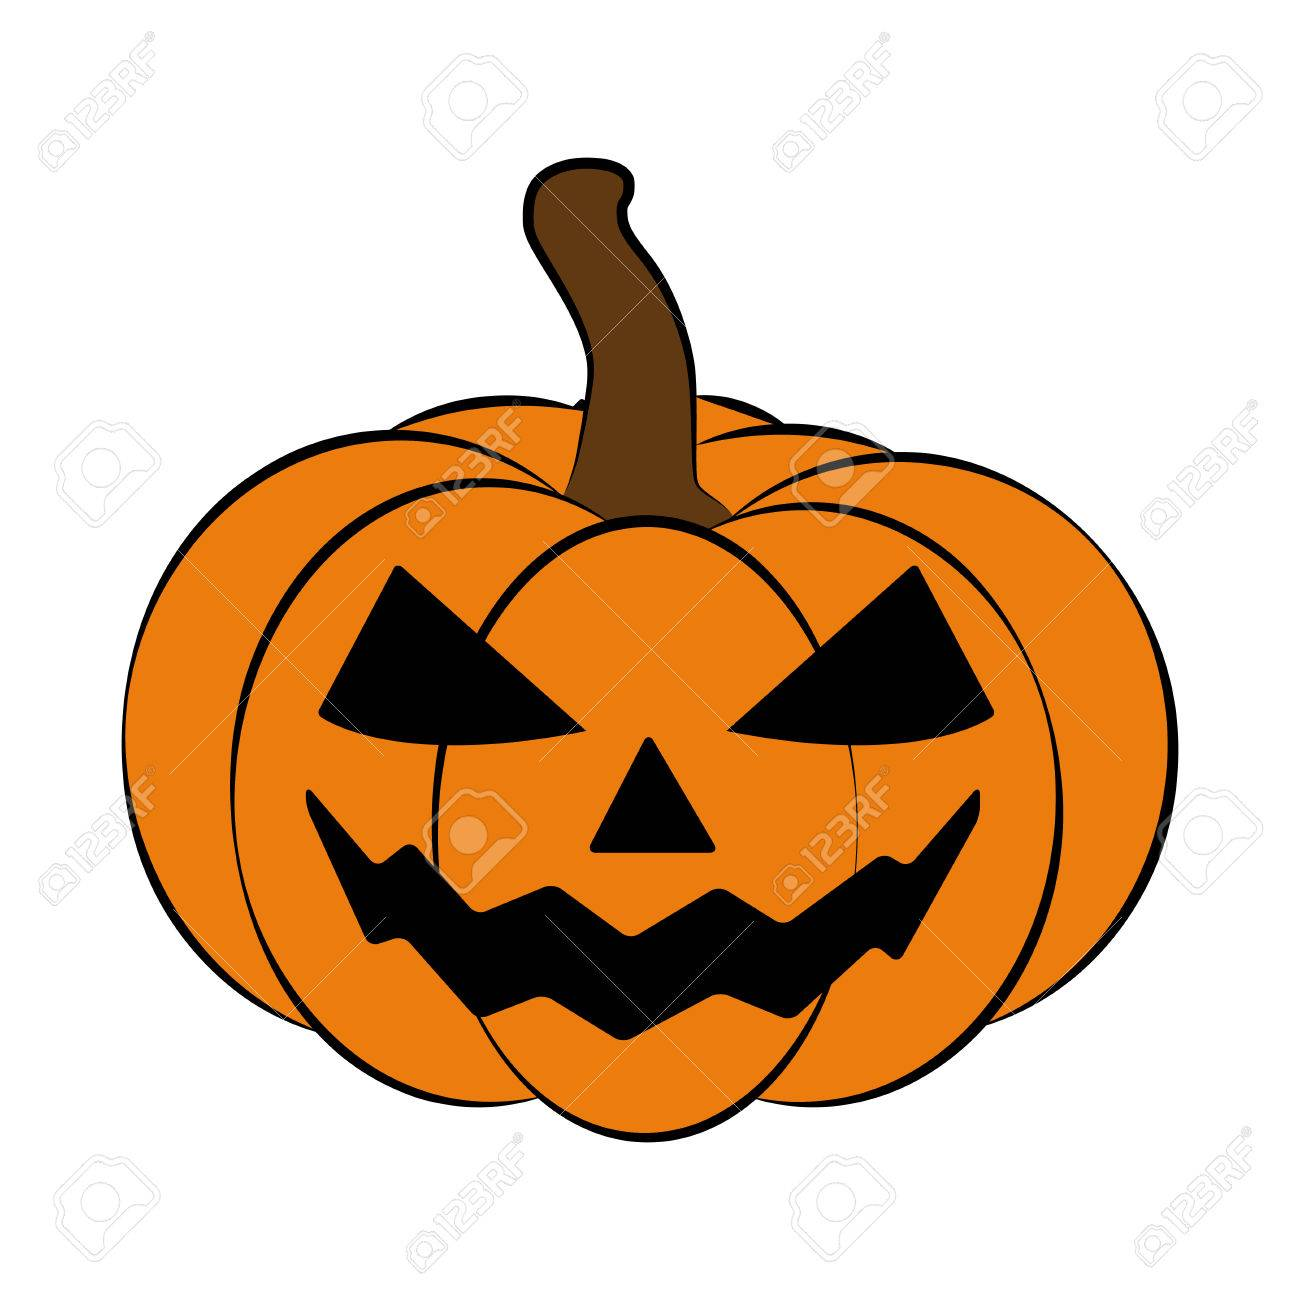 Halloween Pumpkin Vector.Halloween Pumpkin Vector Illustration Jack O Lantern Isolated